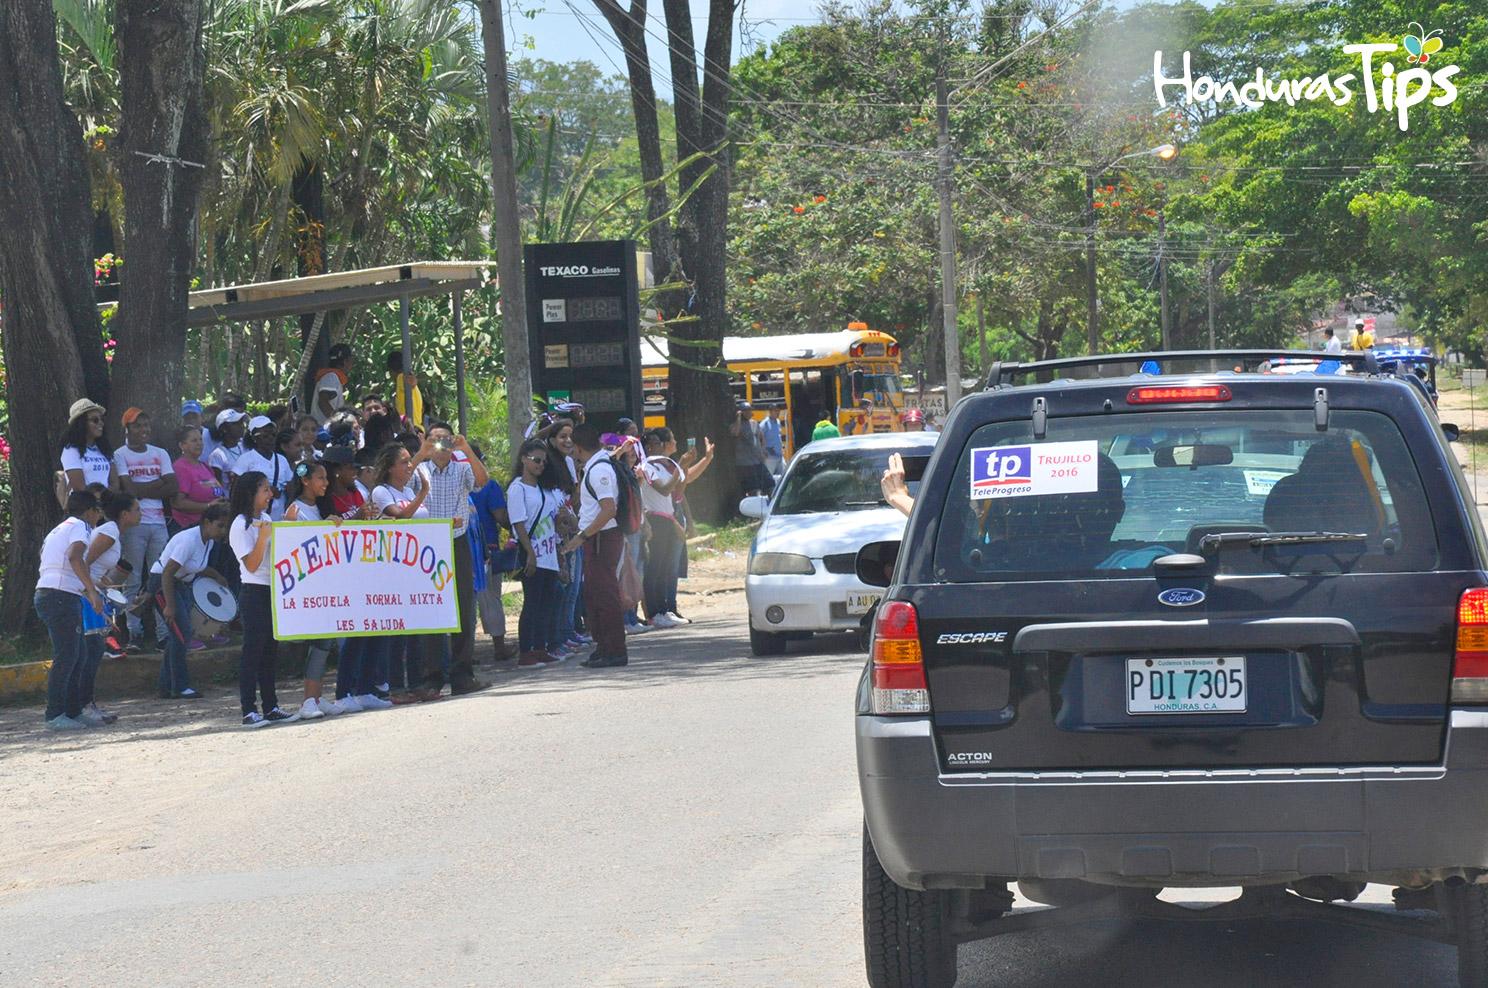 La escuela Normal Mixta tampoco se quedó atrás con el recibimiento de Caravana de Identidad.